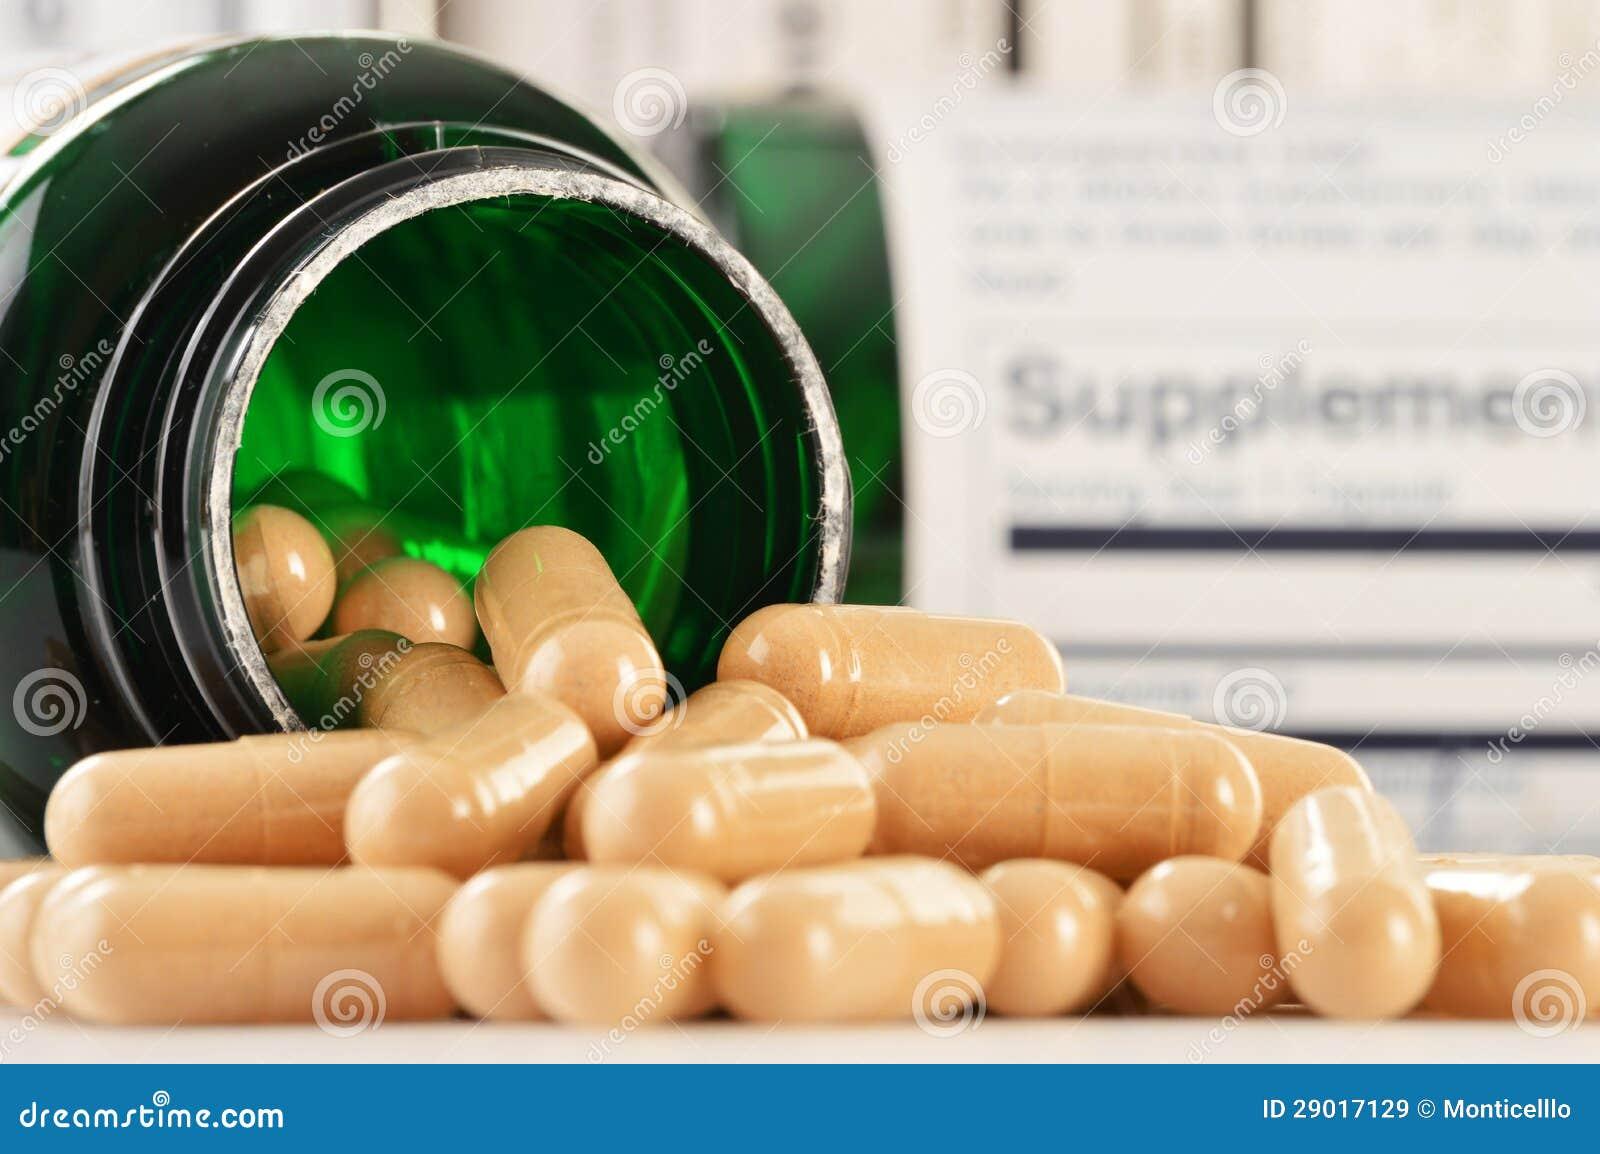 Cápsulas do suplemento dietético. Comprimidos da droga